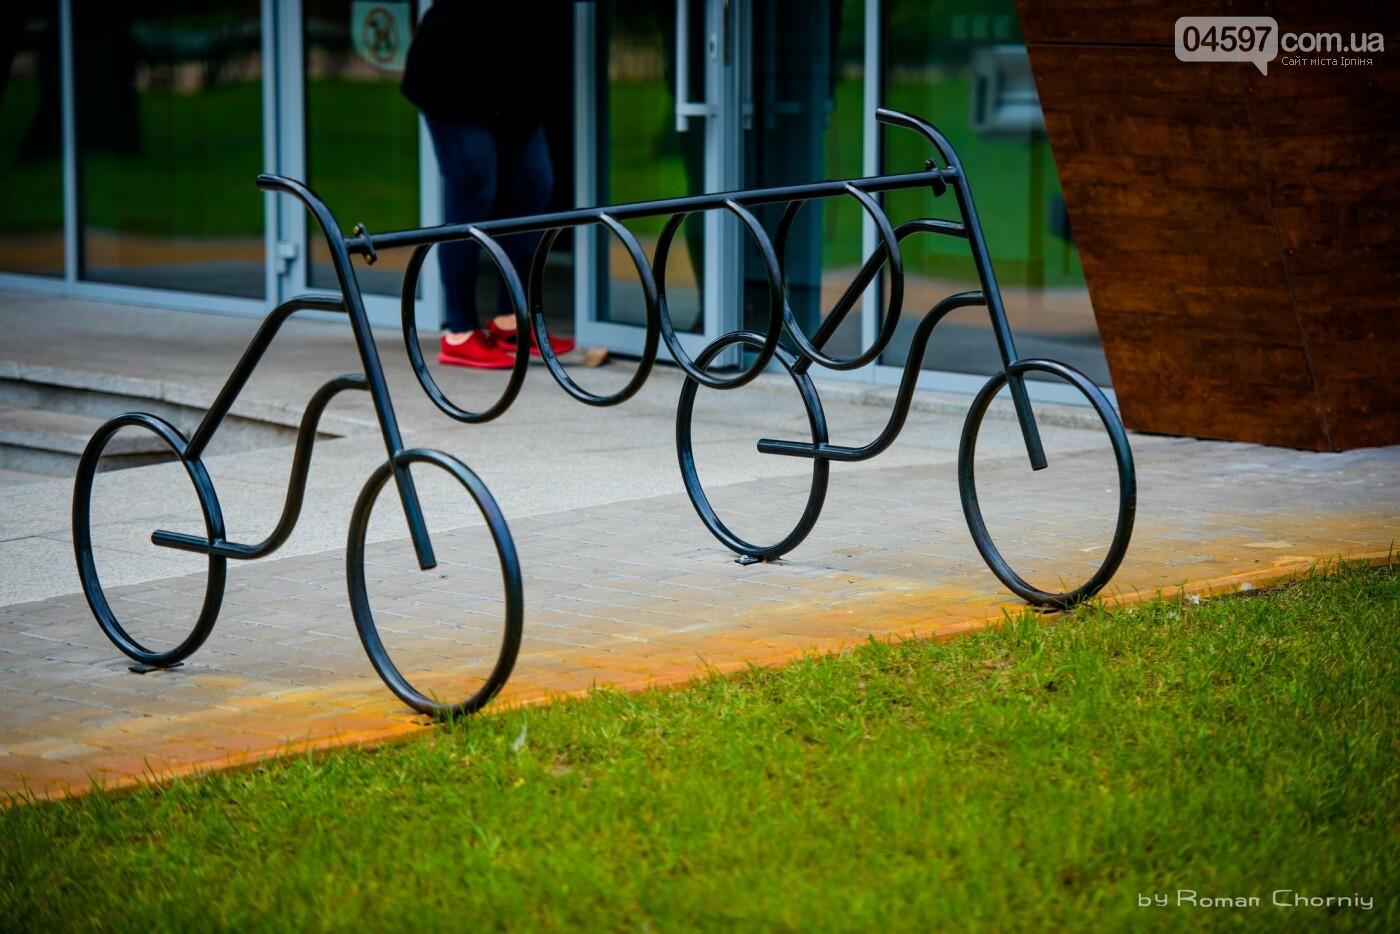 Ірпінчани хочуть стоянки для велосипедів та скутерів на залізничному вокзалі Ірпеня, фото-12